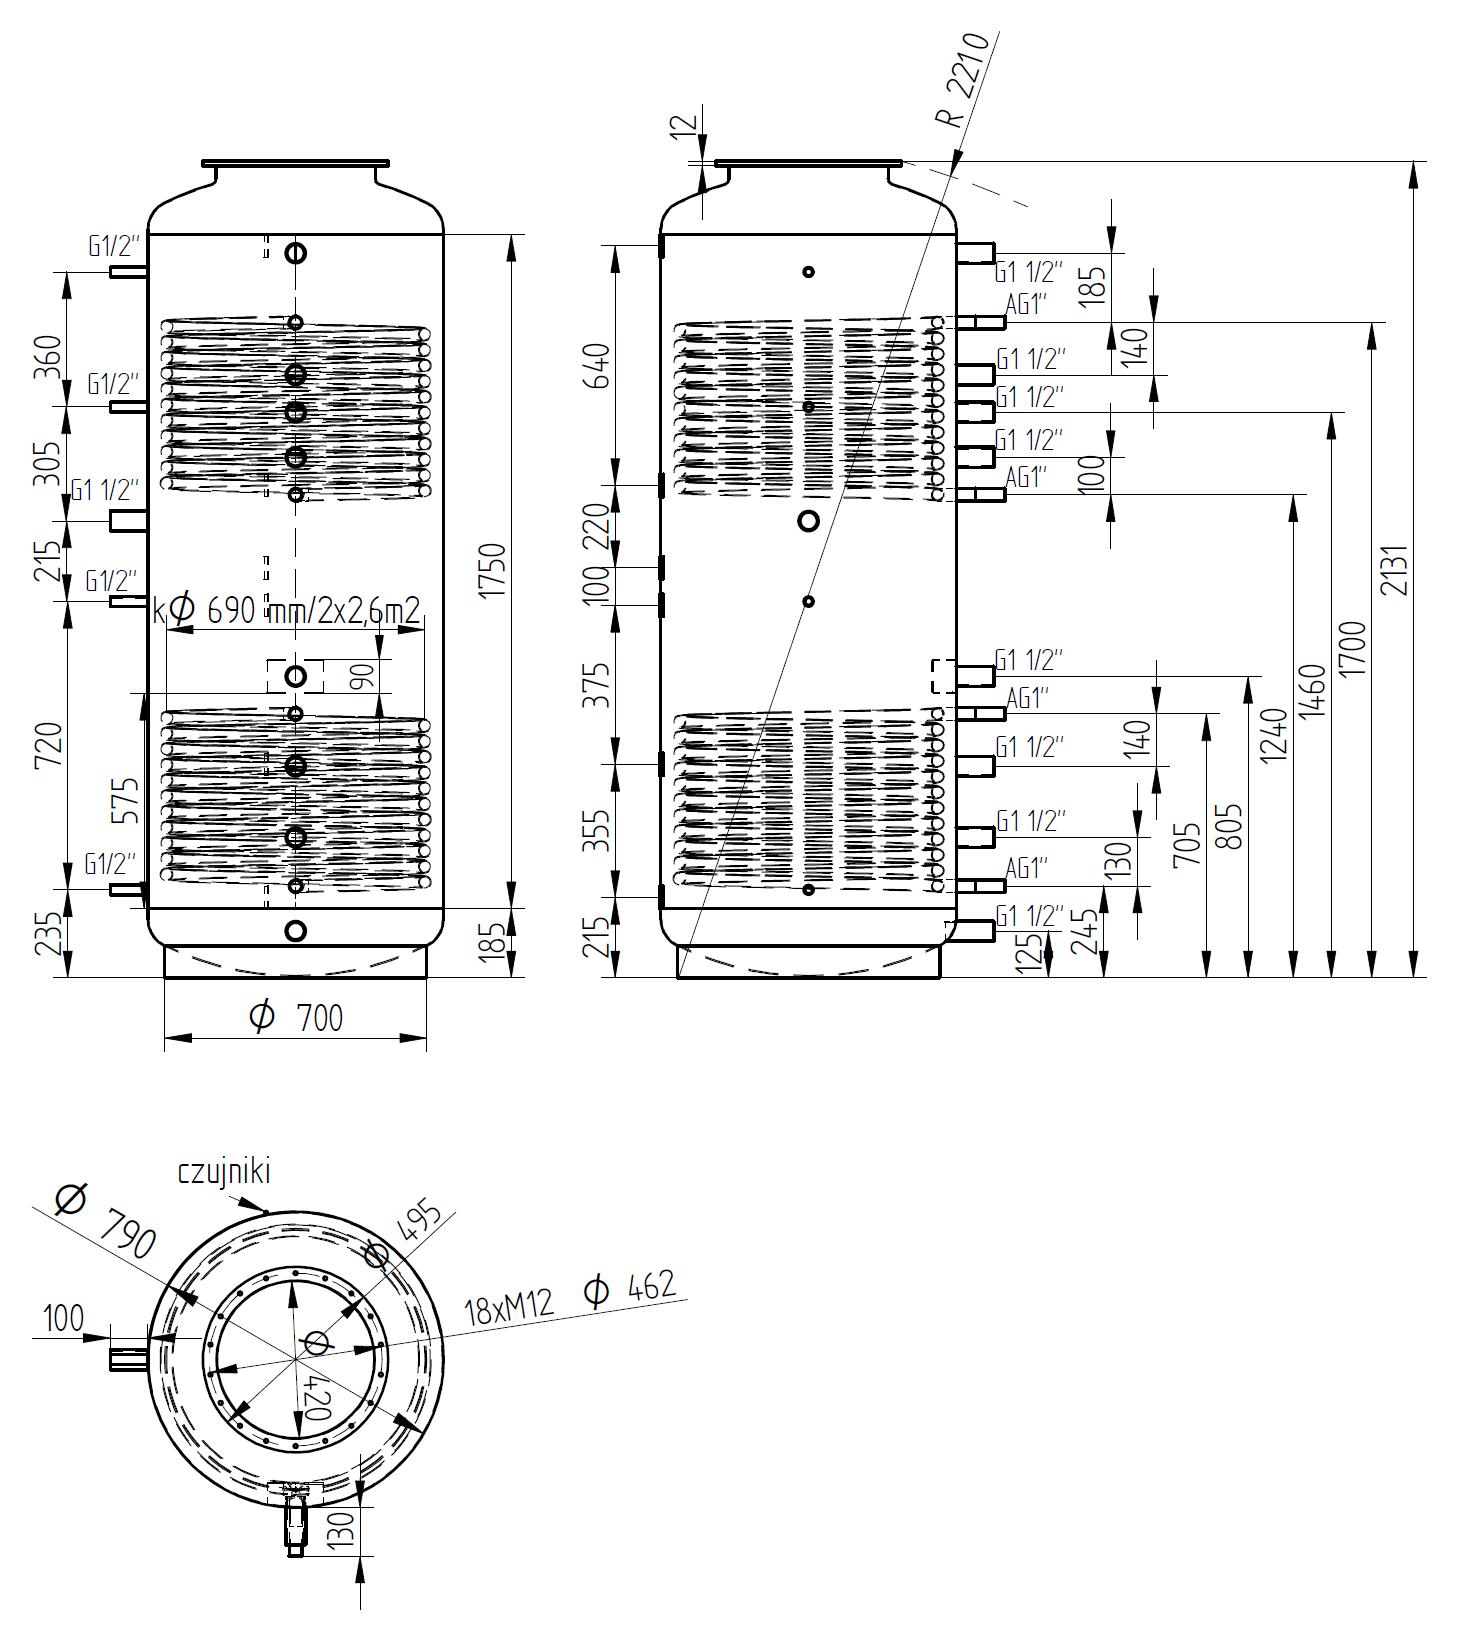 zbiornik buforowy kombinowany 1000l z dwoma wymiennikami